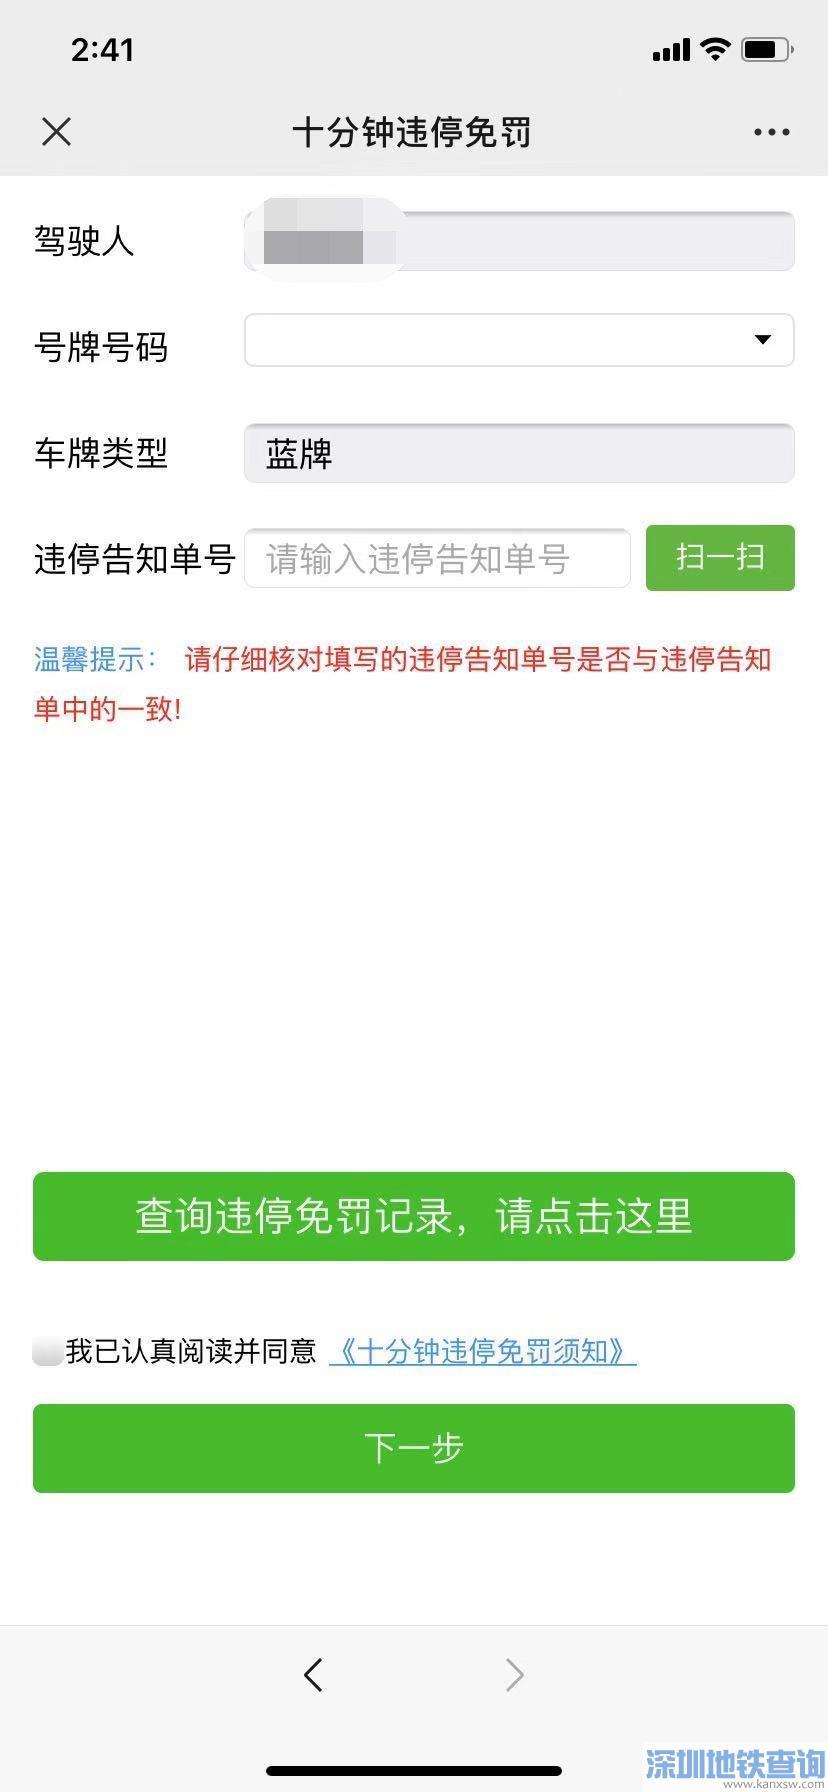 深圳交警星级用户如何申请车辆违停免罚(附具体流程)